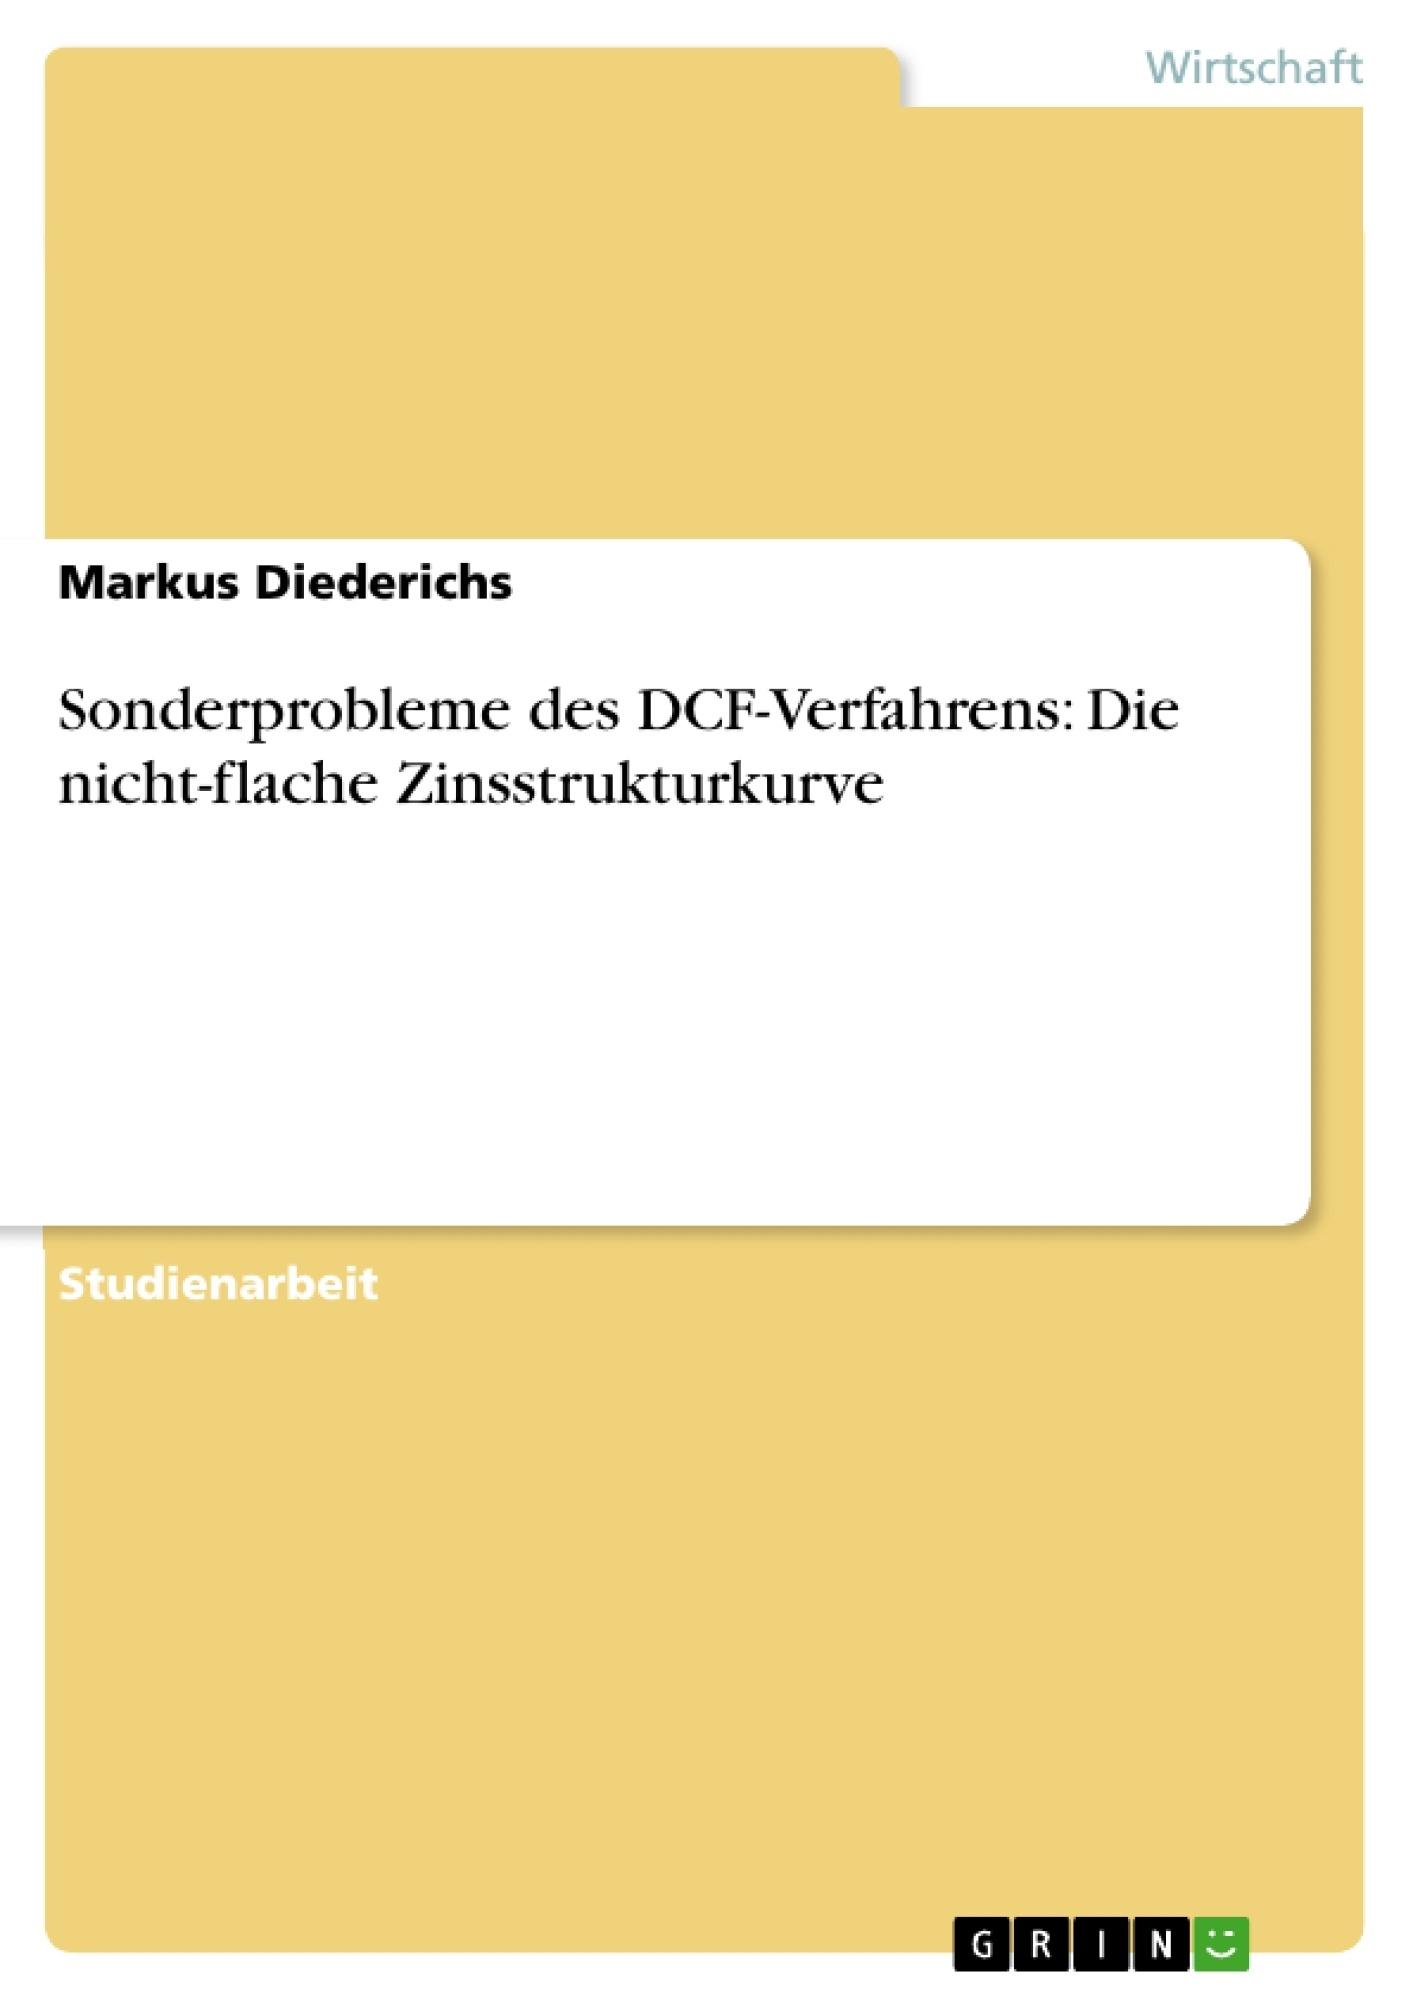 Titel: Sonderprobleme des DCF-Verfahrens: Die nicht-flache Zinsstrukturkurve